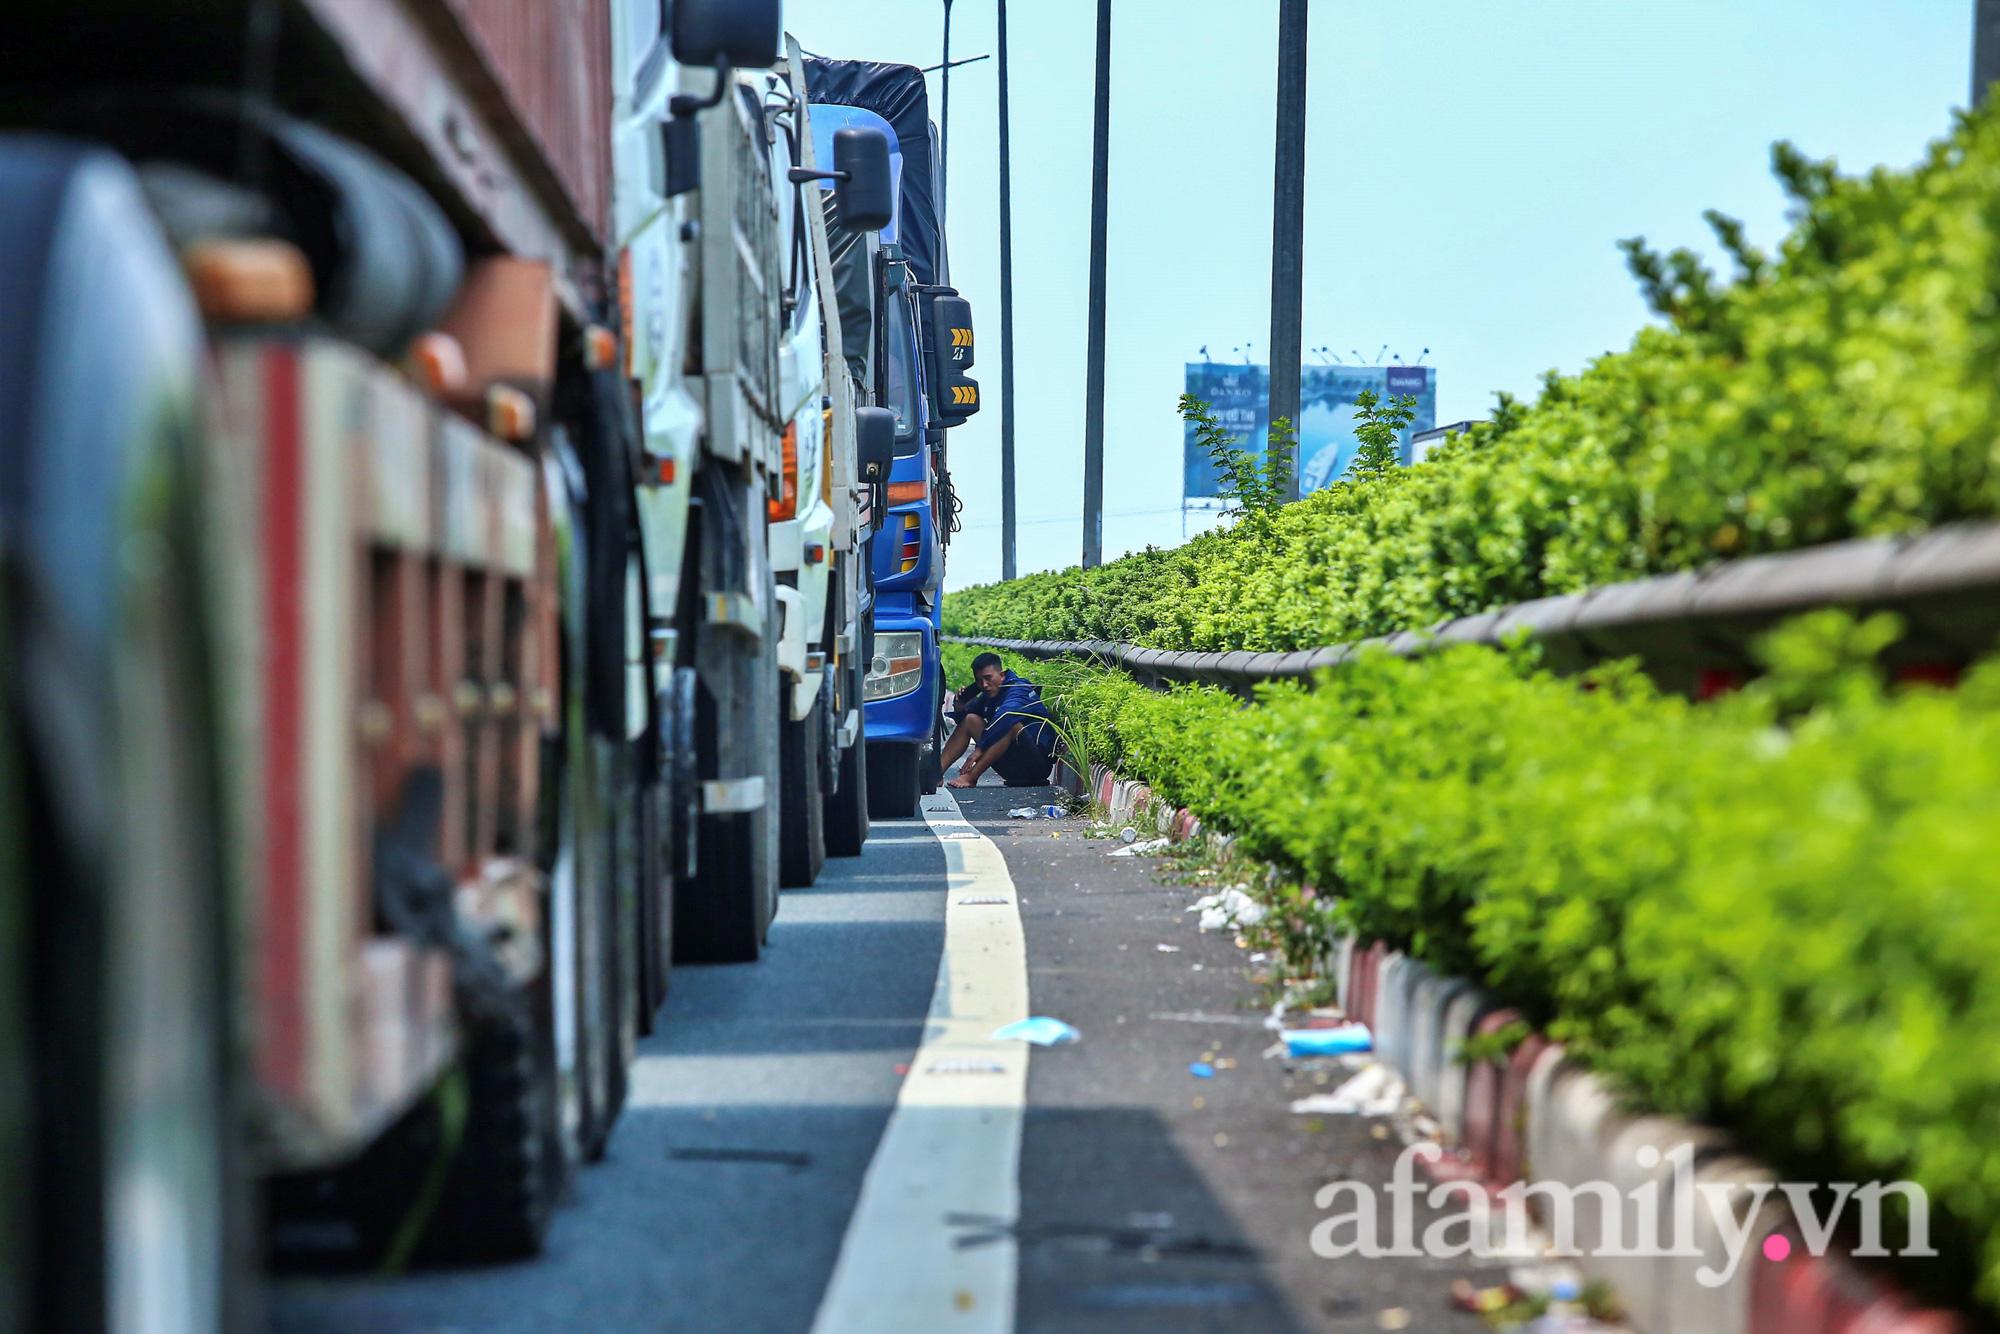 Chốt kiểm dịch Pháp Vân - Cầu Giẽ ùn xe gần chục cây số, nhiều tài xế thiếu giấy xét nghiệm - Ảnh 11.